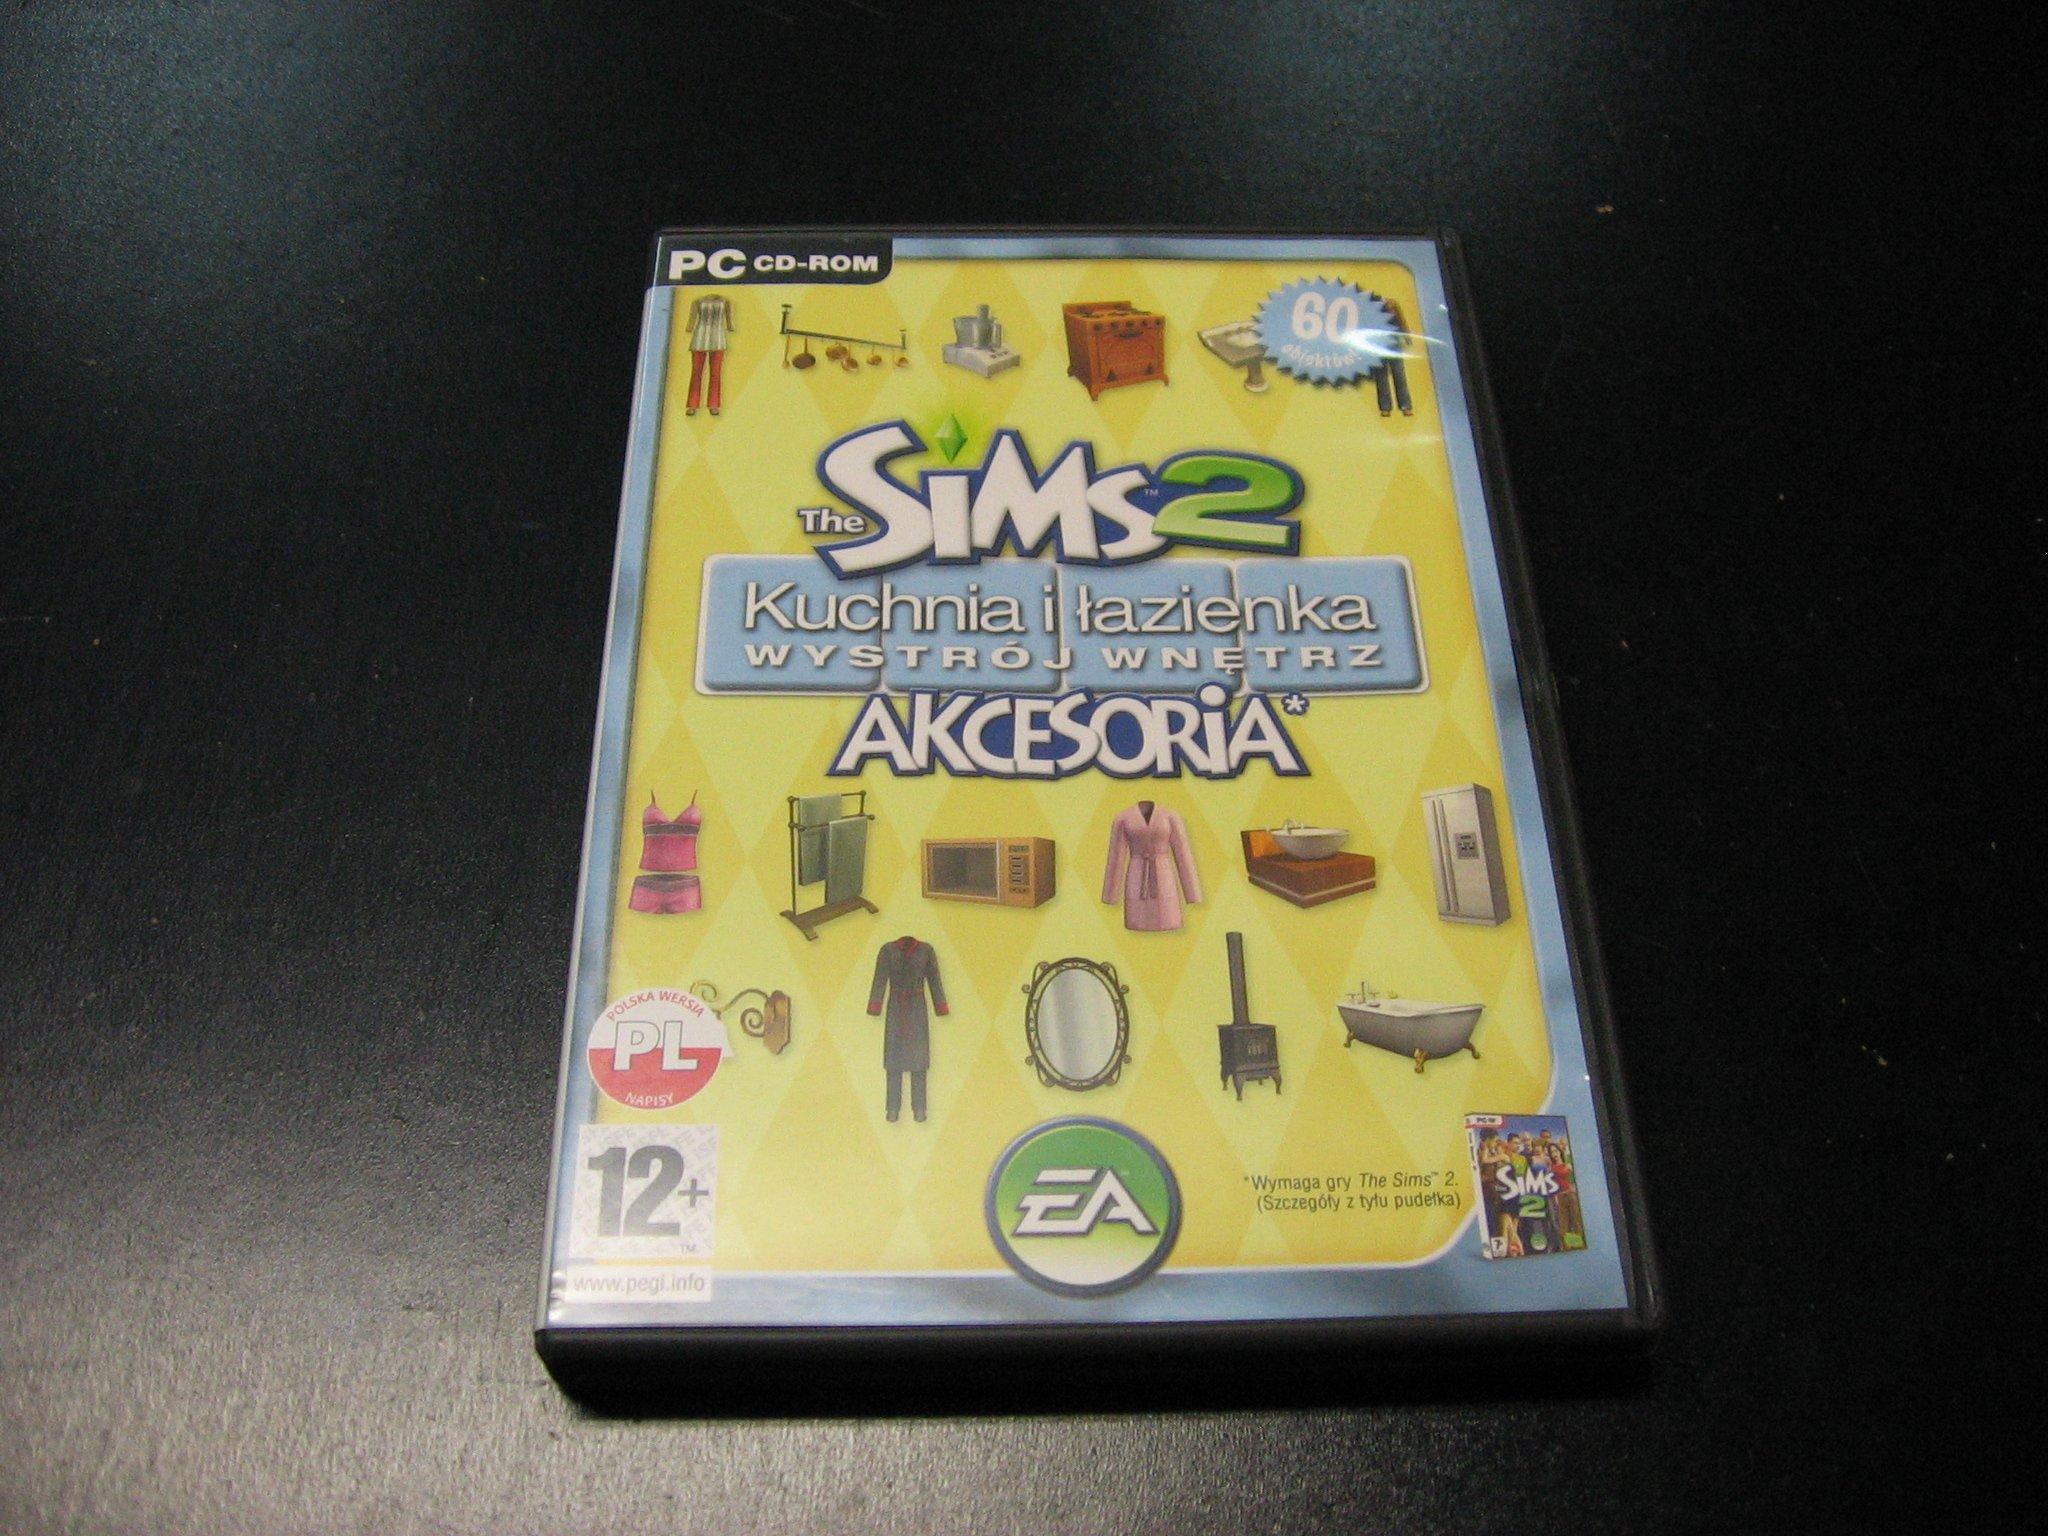 The Sims 2 Kuchania i łazienka. Wystrój wnętrz PL - GRA PC Sklep